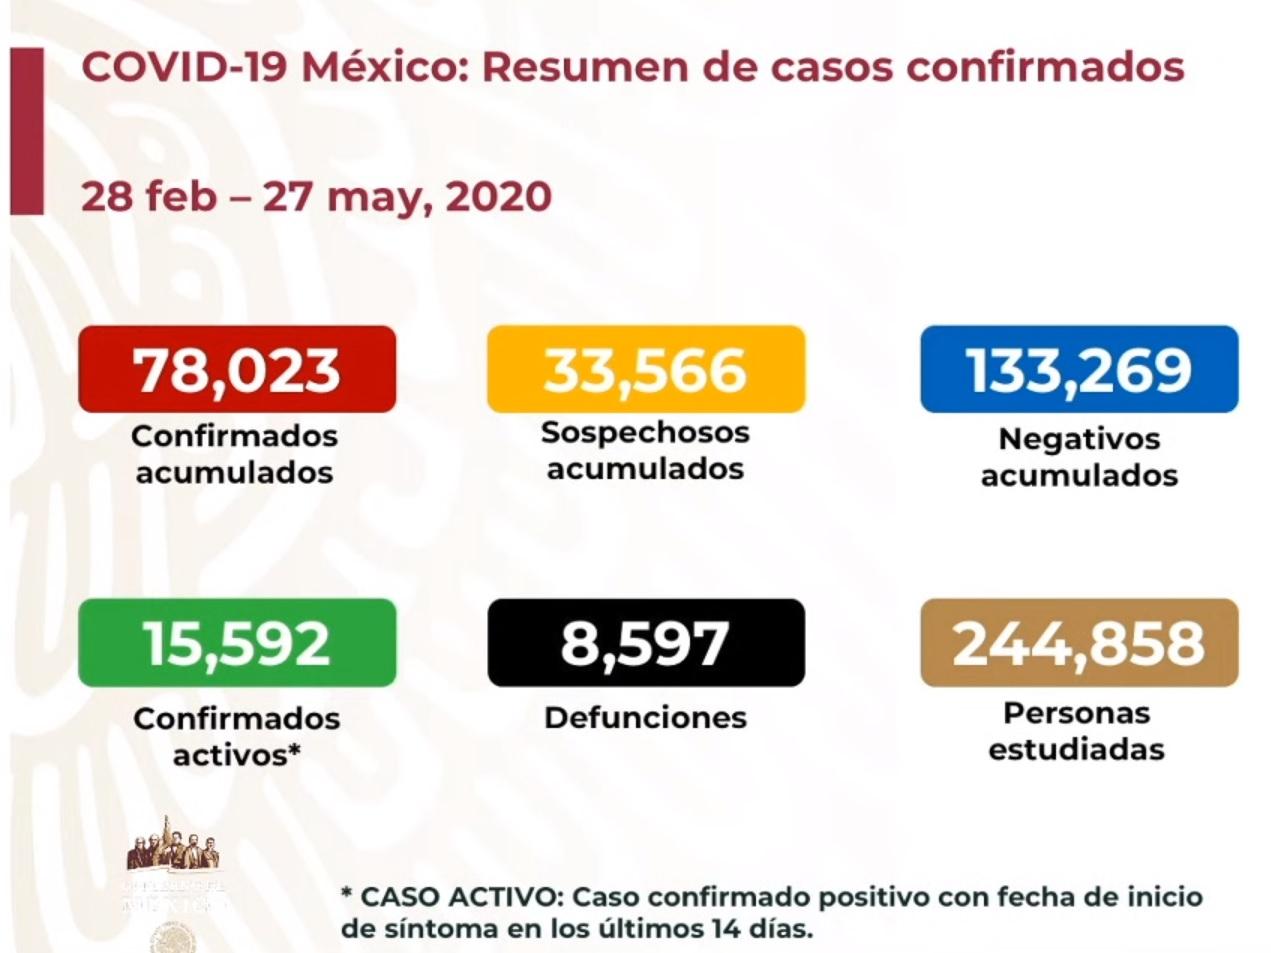 México: octavo lugar mundial en muertes por COVID19